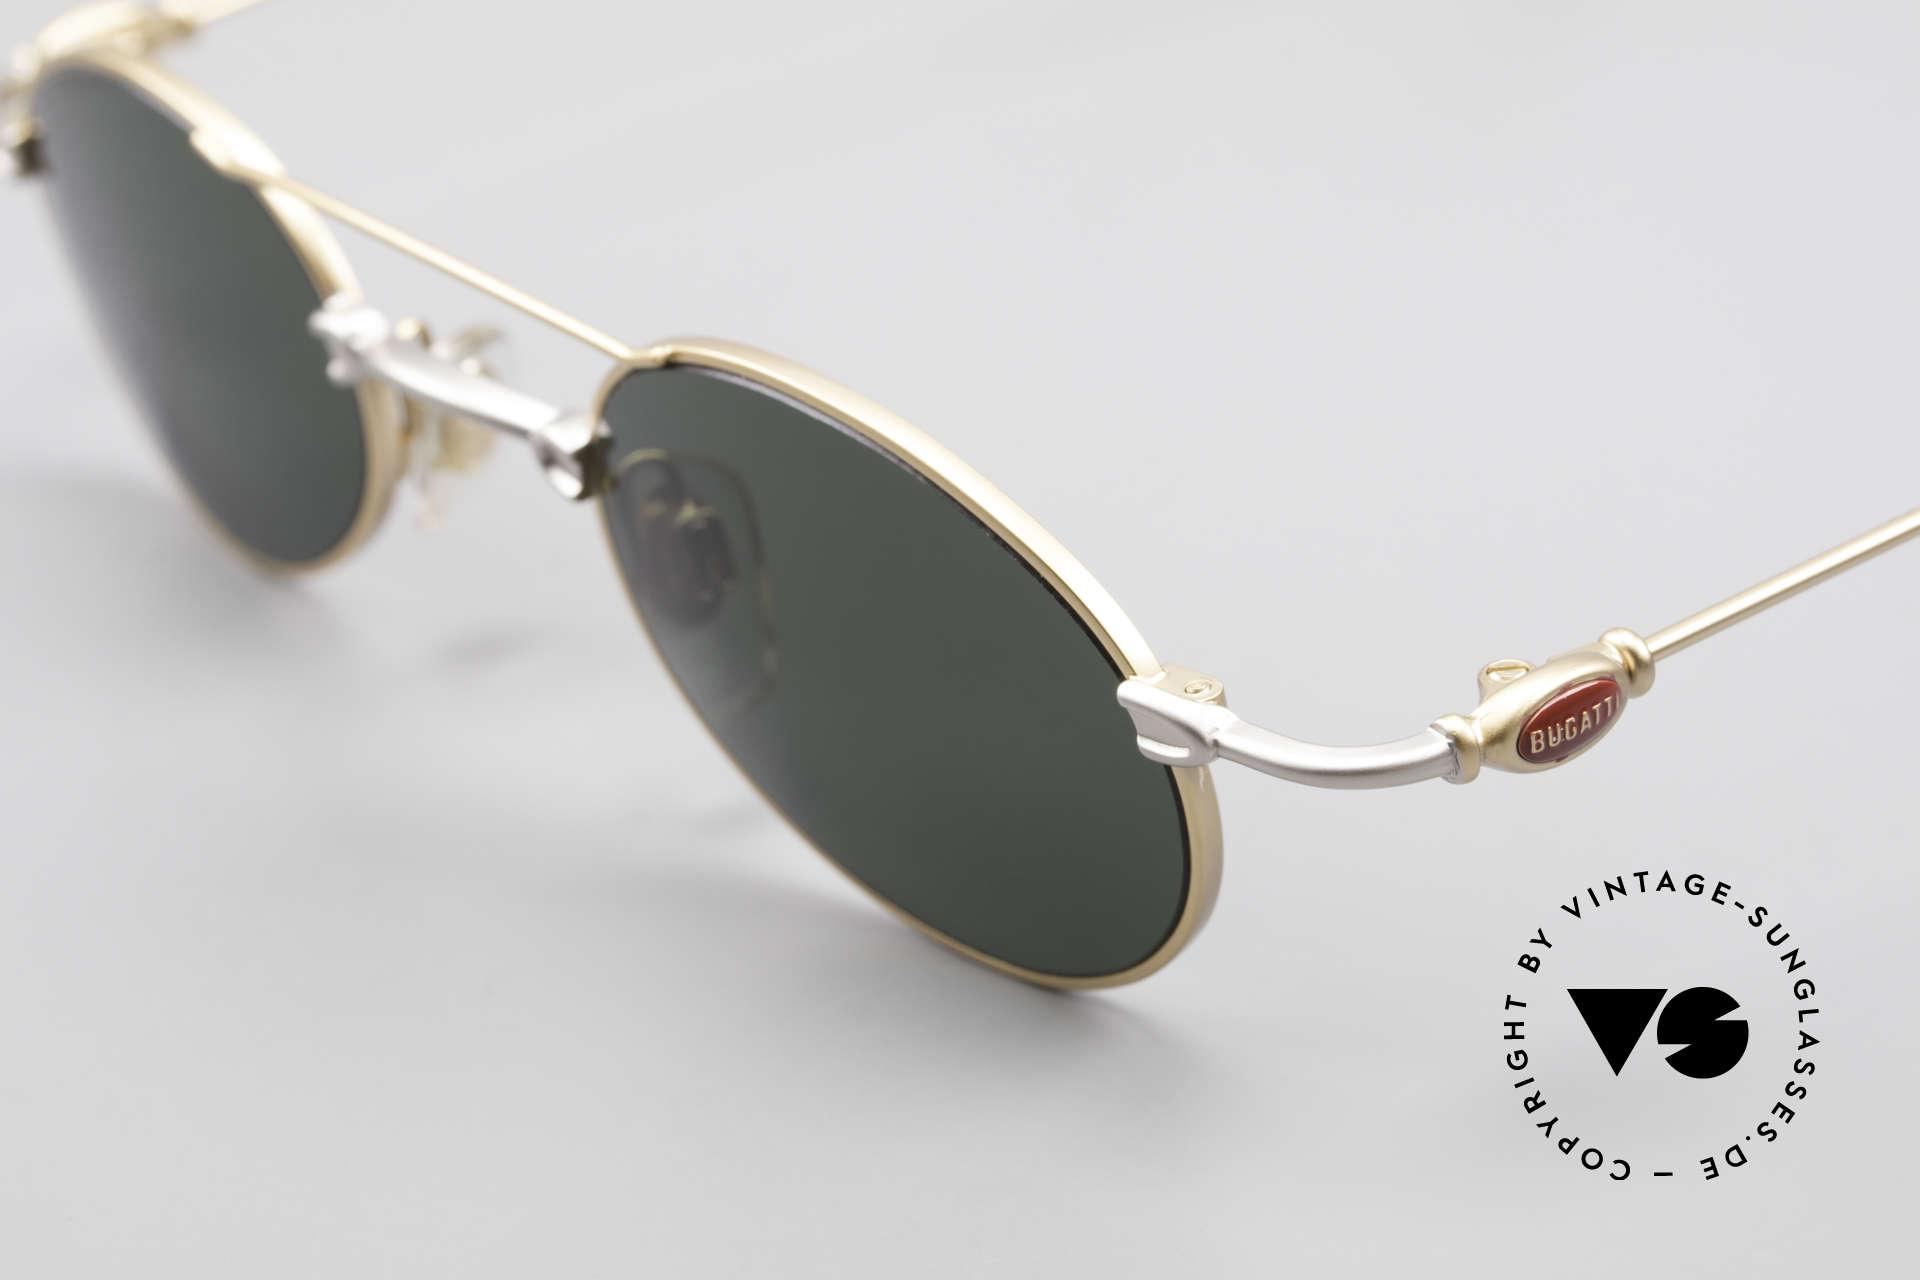 Bugatti 10868 90er Luxus Sonnenbrille Men, ungetragene Rarität (inkl. orig. Hartetui von Bugatti), Passend für Herren